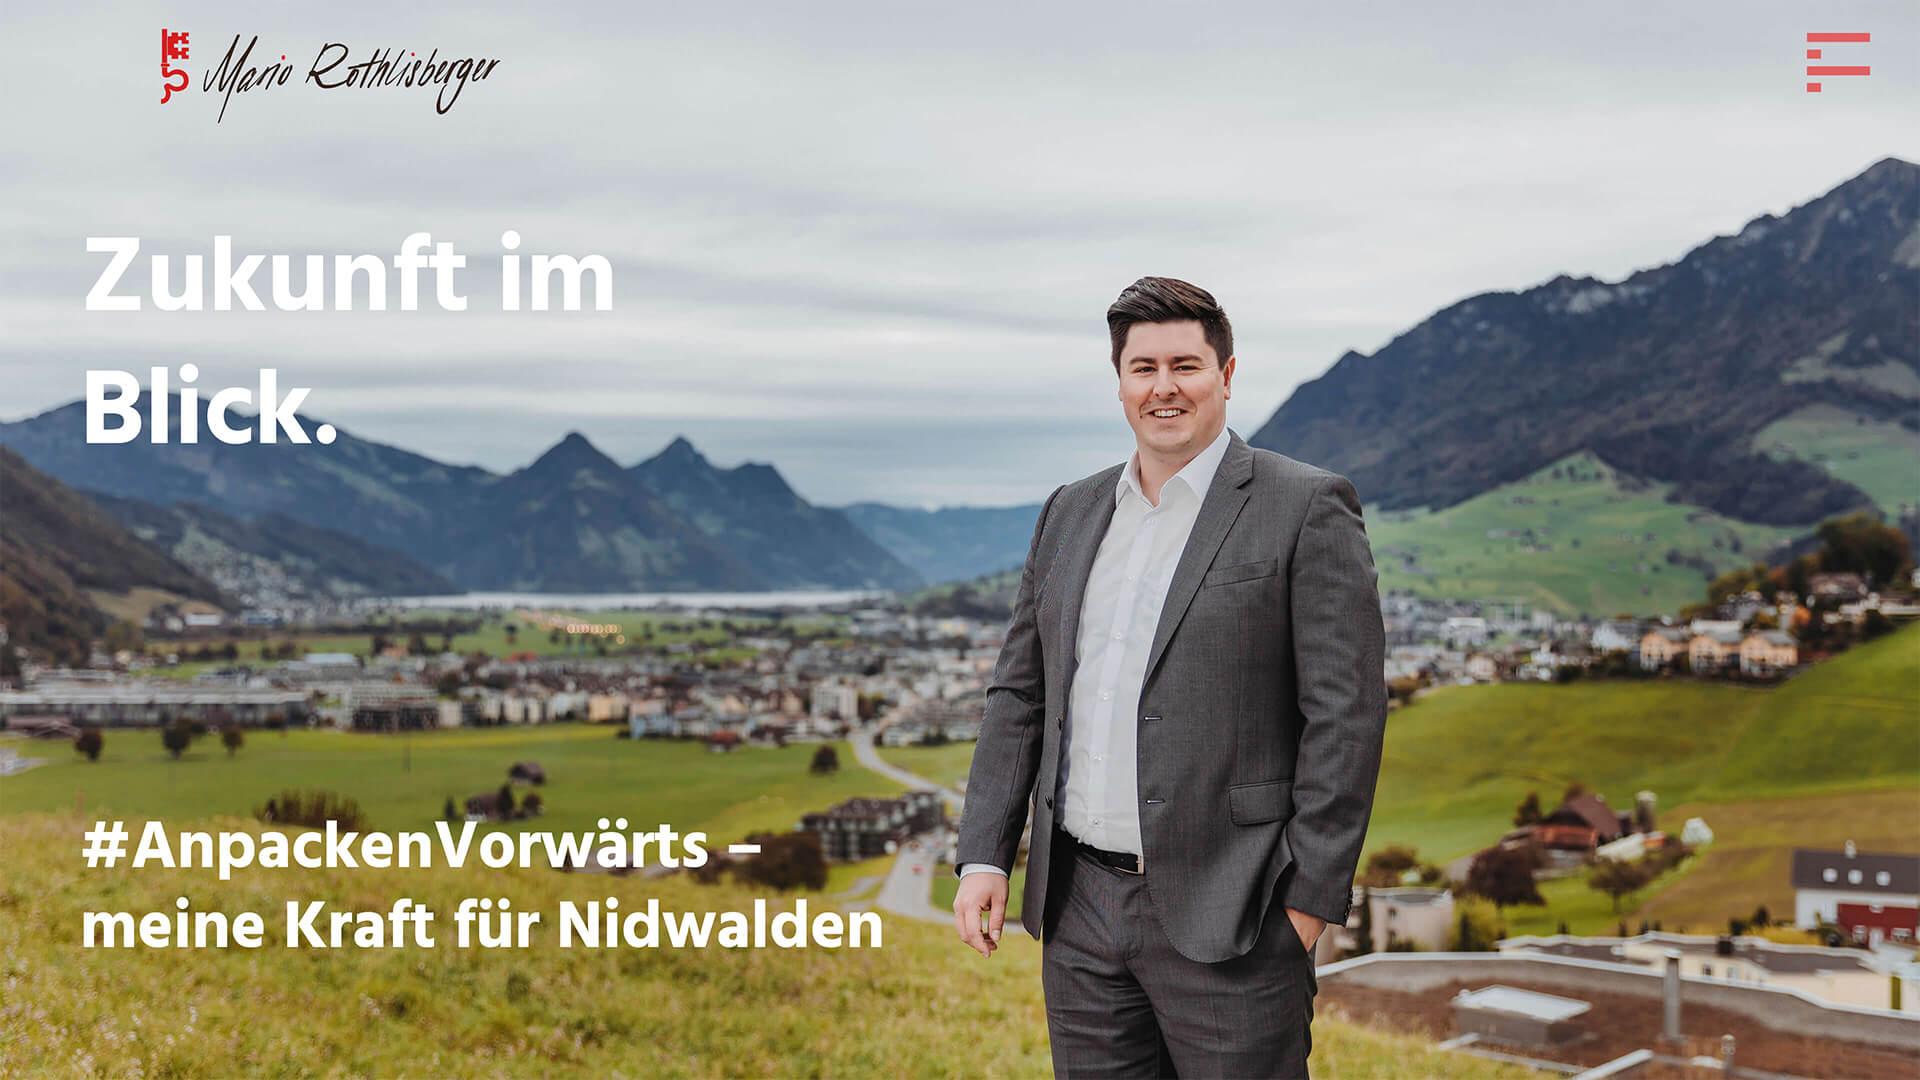 Veranschaulichung der Website des Politikers Mario Röthlisberger